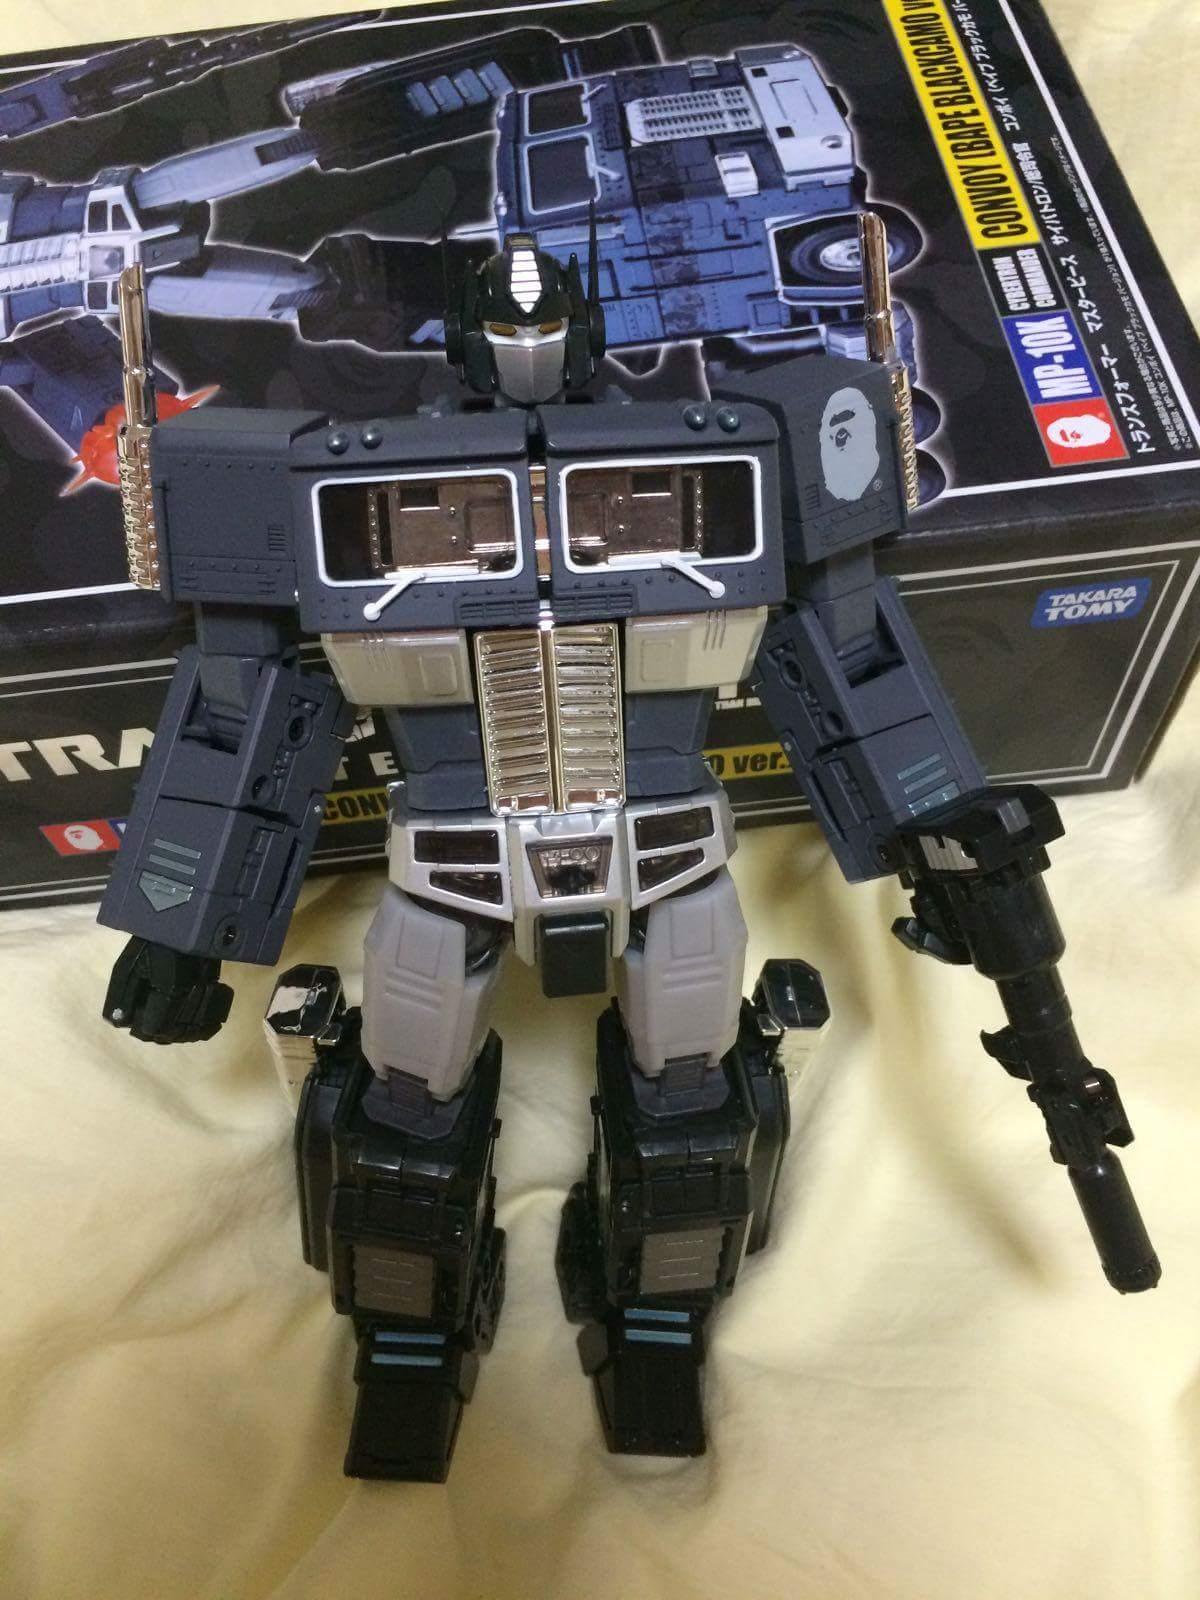 [Masterpiece] MP-10B | MP-10A | MP-10R | MP-10SG | MP-10K | MP-711 | MP-10G | MP-10 ASL ― Convoy (Optimus Prime/Optimus Primus) - Page 5 RIZB3aoP